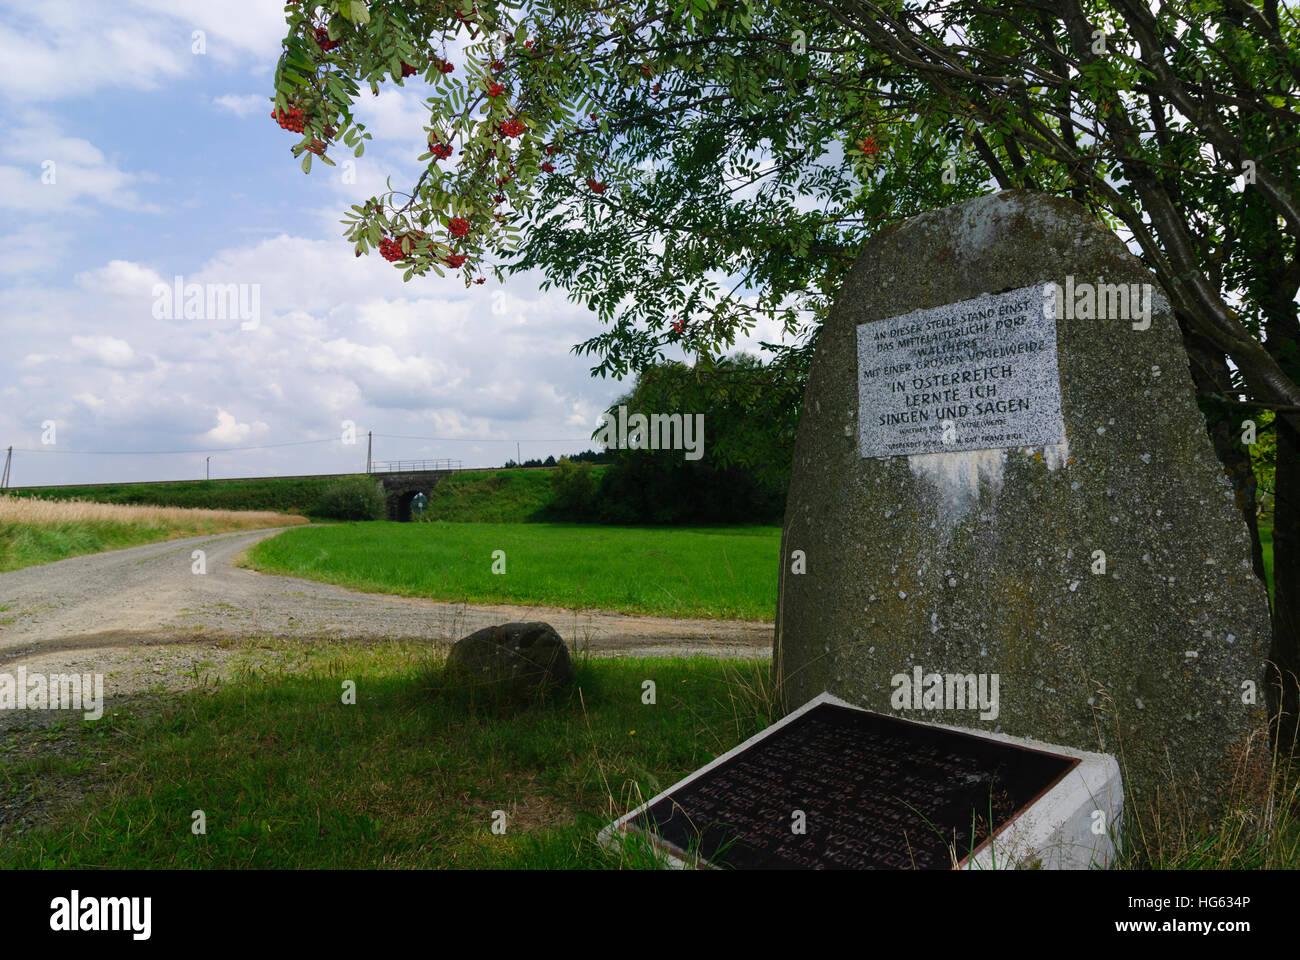 Zwettl: Memorial stone at the alleged birthplace of Walter von der Vogelweide in Hörmanns, Waldviertel, Niederösterreich, Stock Photo